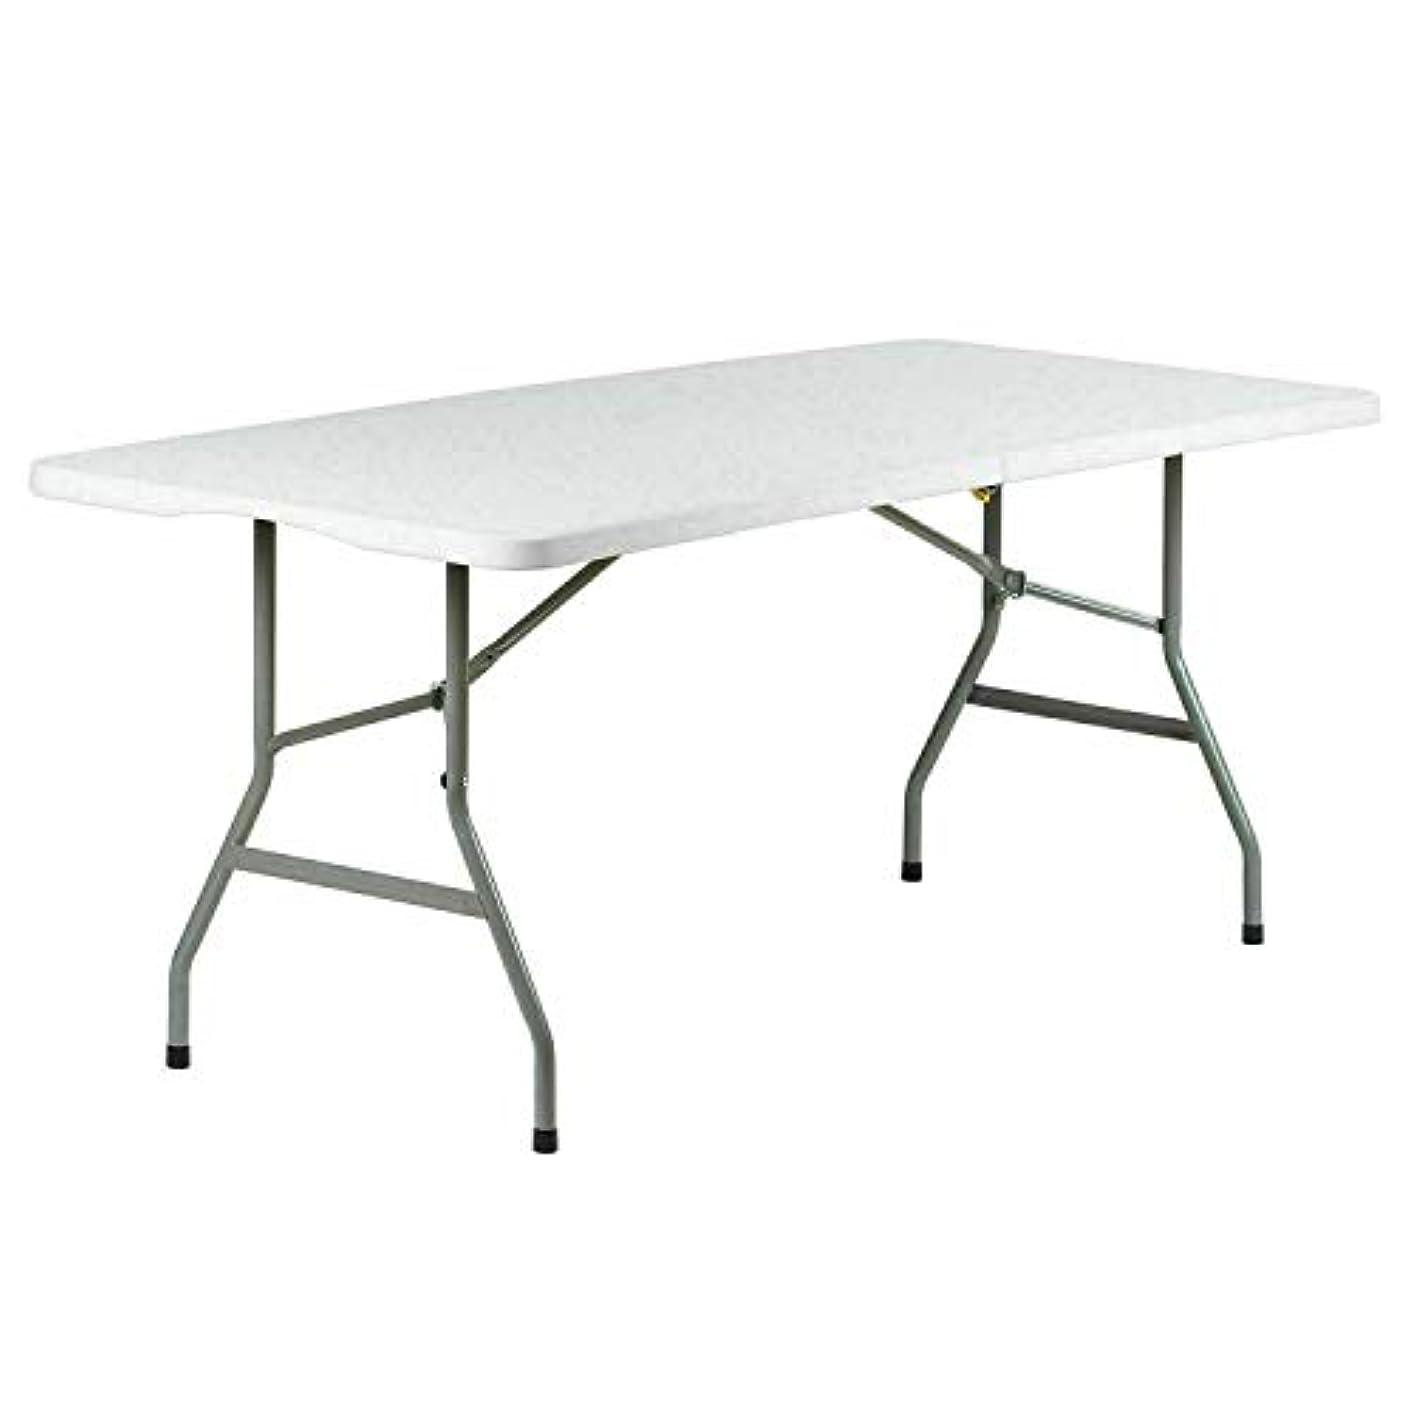 織る悪性農民BNSDMM 折りたたみ式テーブル - ピクニック用テーブル折りたたみ式テーブル、ピクニック、キャンプ用テーブル、折りたたみ式ポータブルテーブル、ピクニック用4テーブル180cmX75cmX75cmホワイト